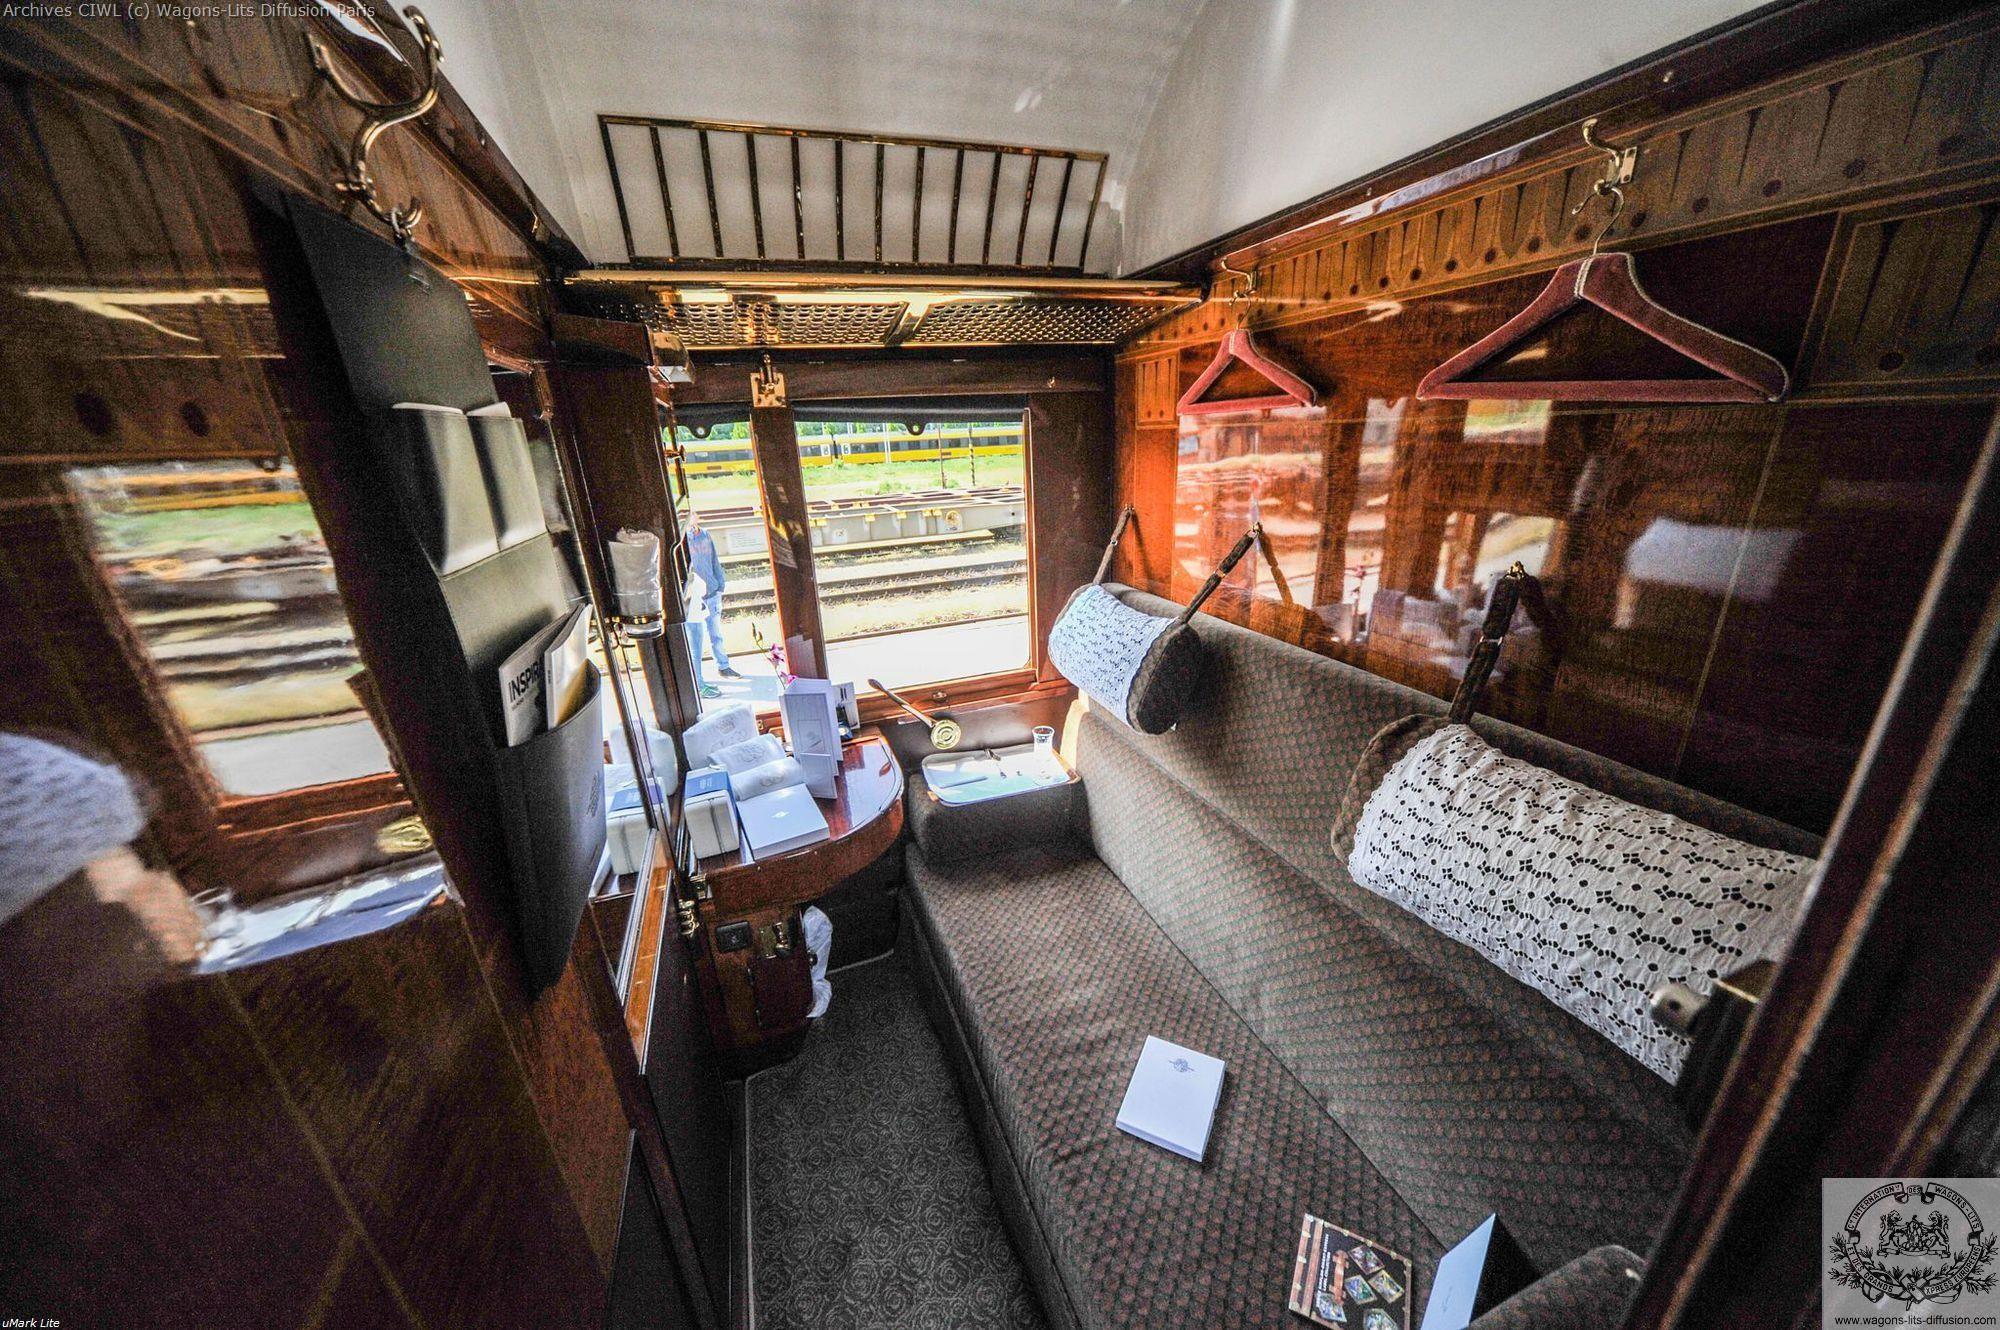 Wl vsoe cabine de l orient express facon annees 31